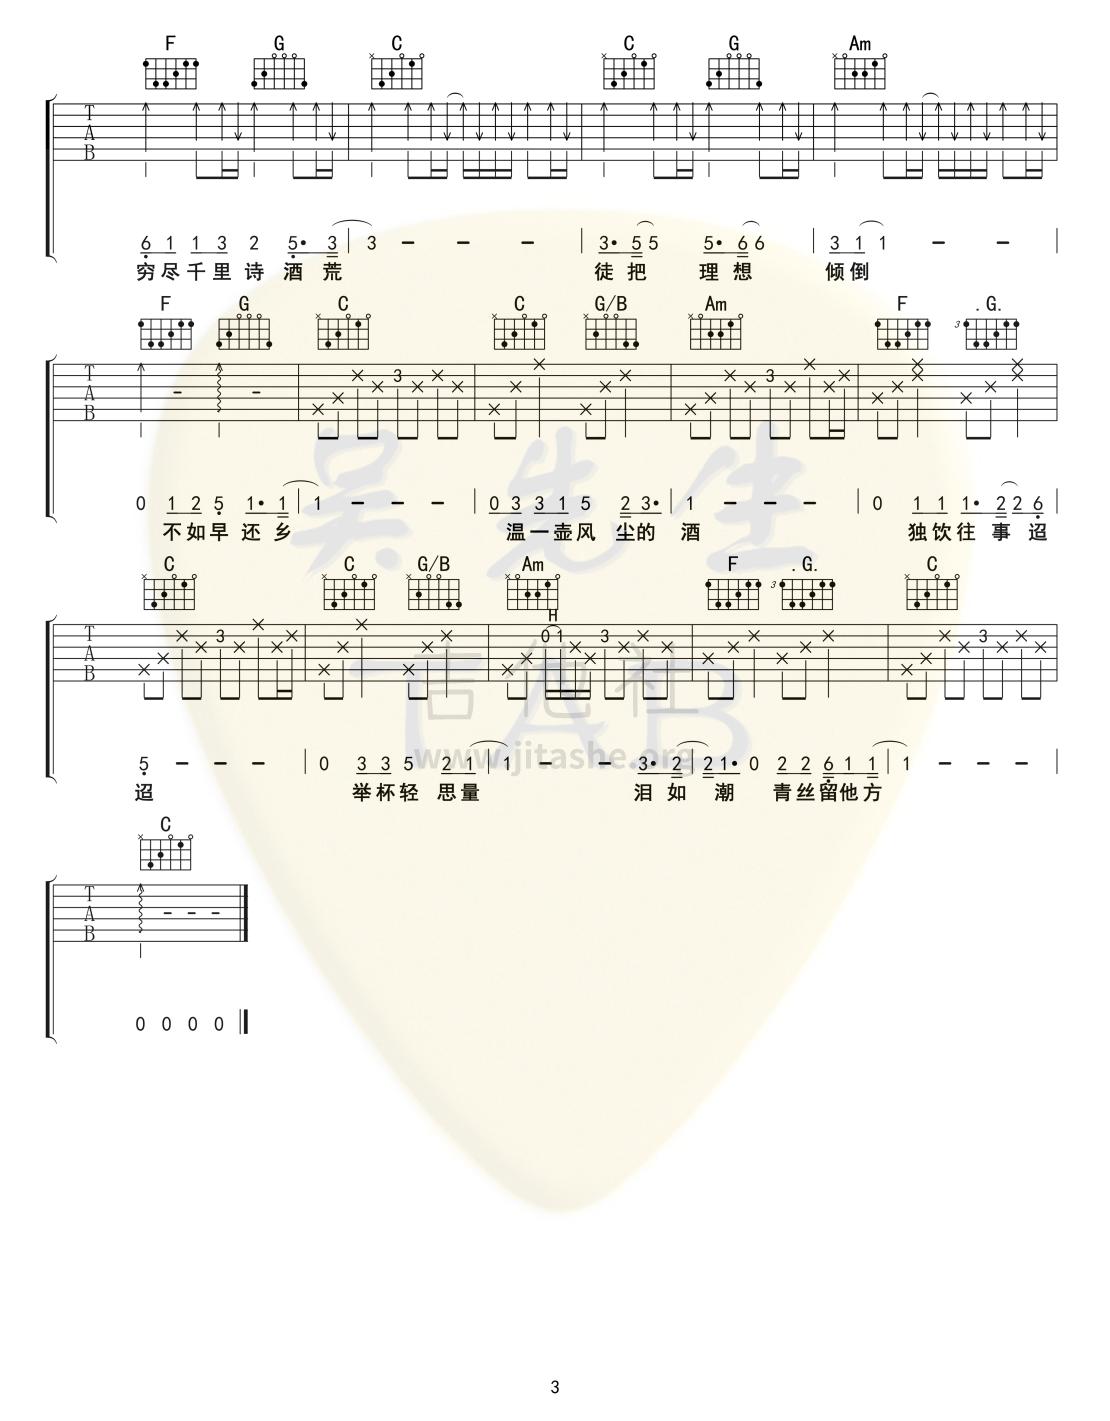 旧词吉他谱(图片谱,弹唱)_愚青_旧词003.png